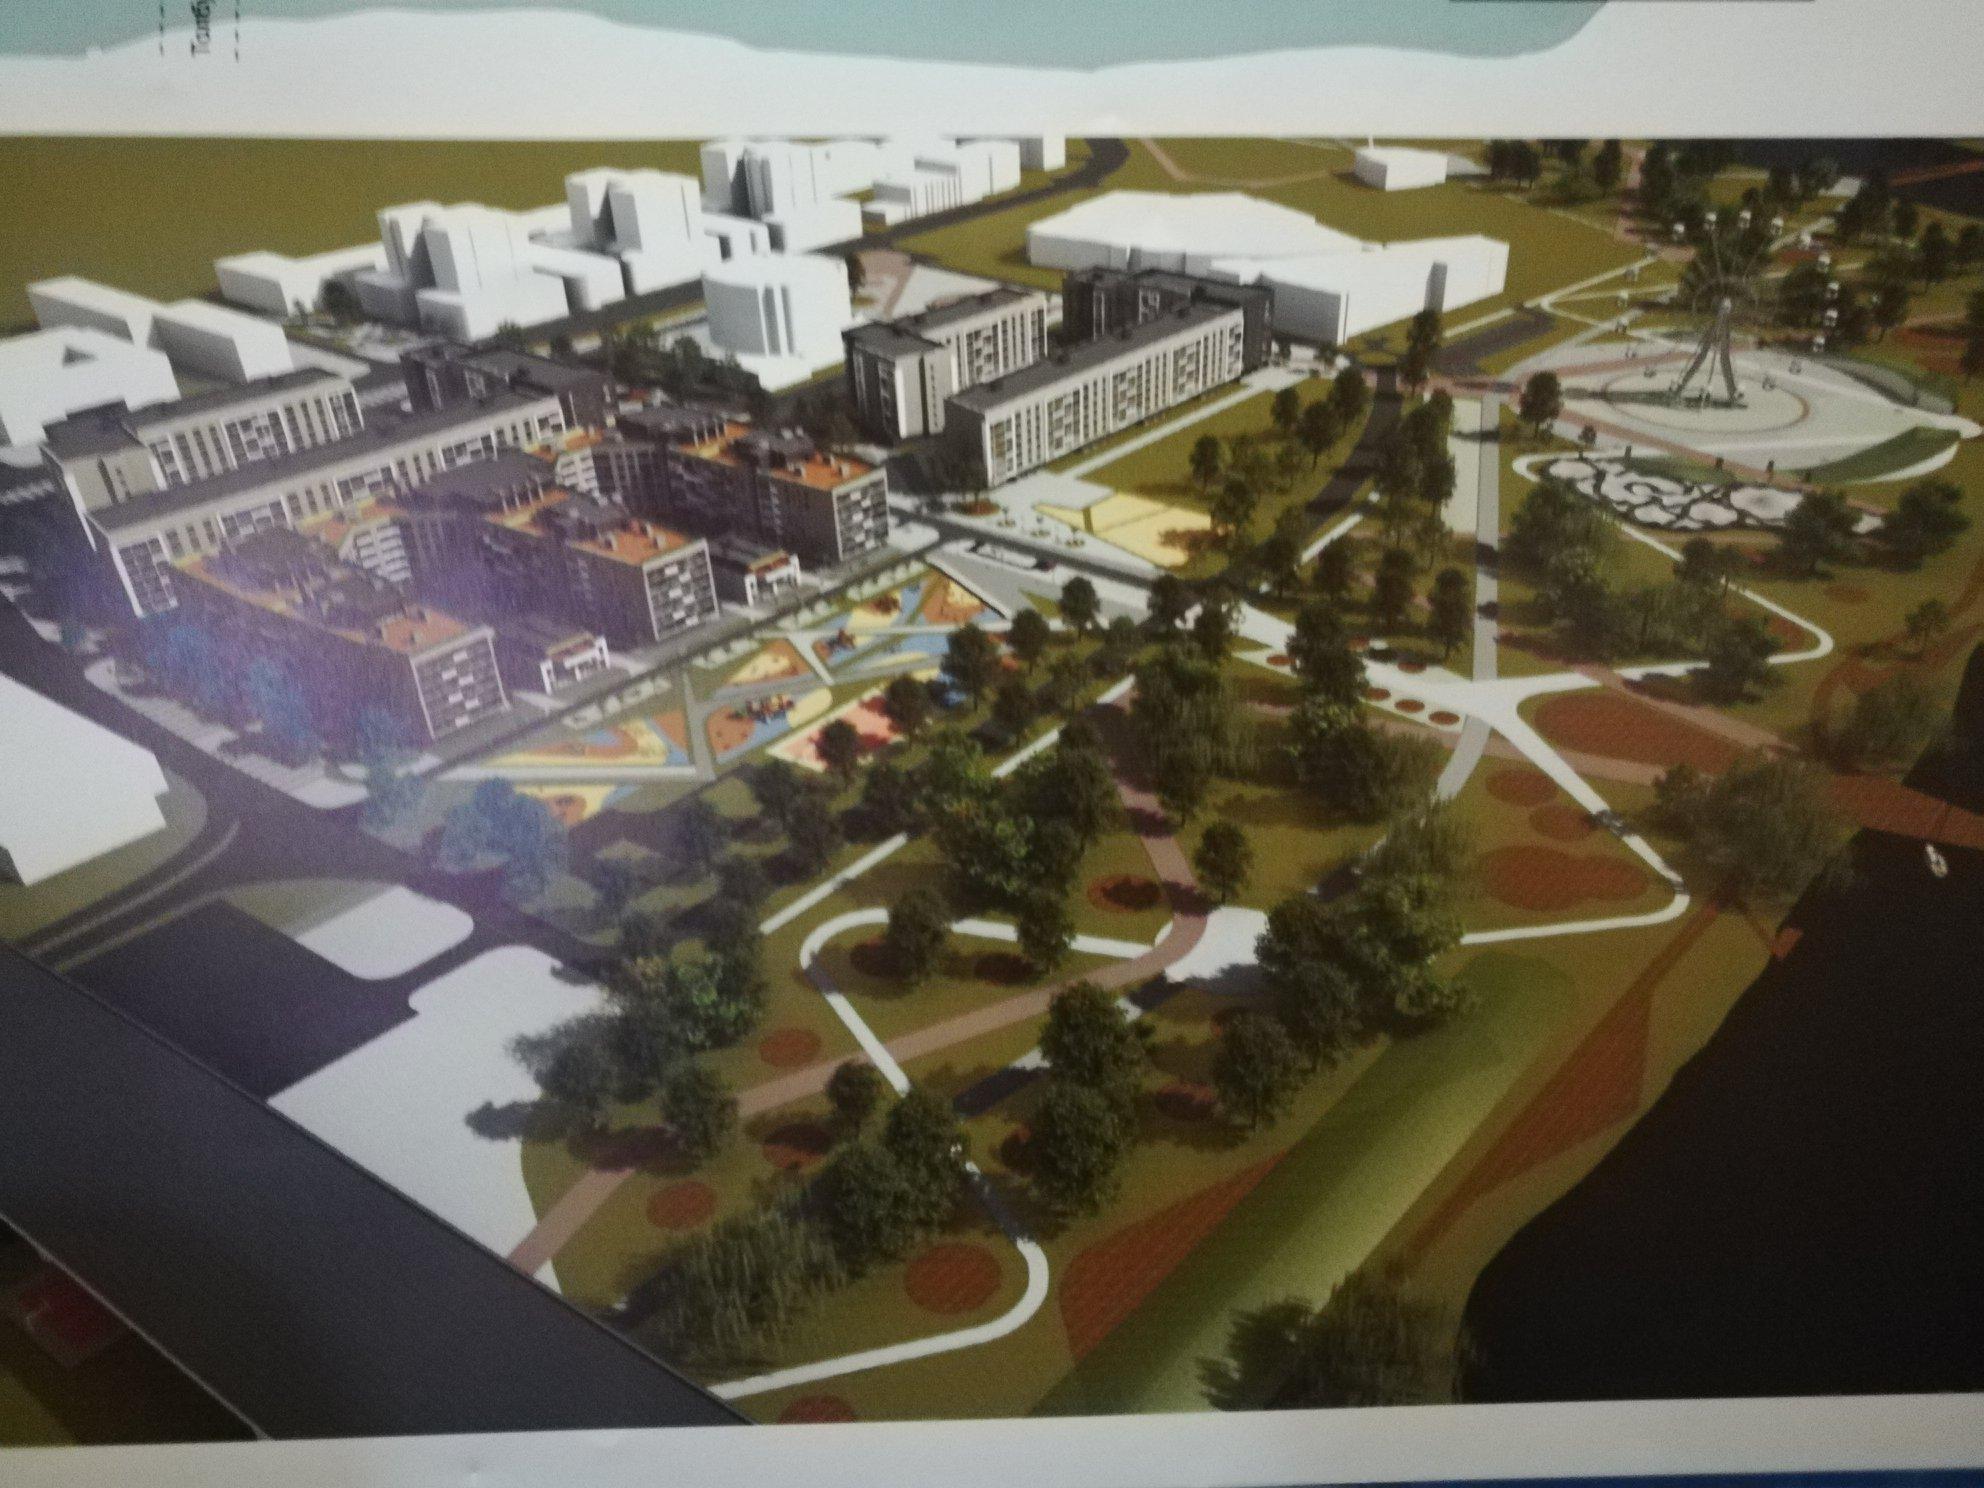 Опубликован проект нового квартала на Которосльной набережной в Ярославле